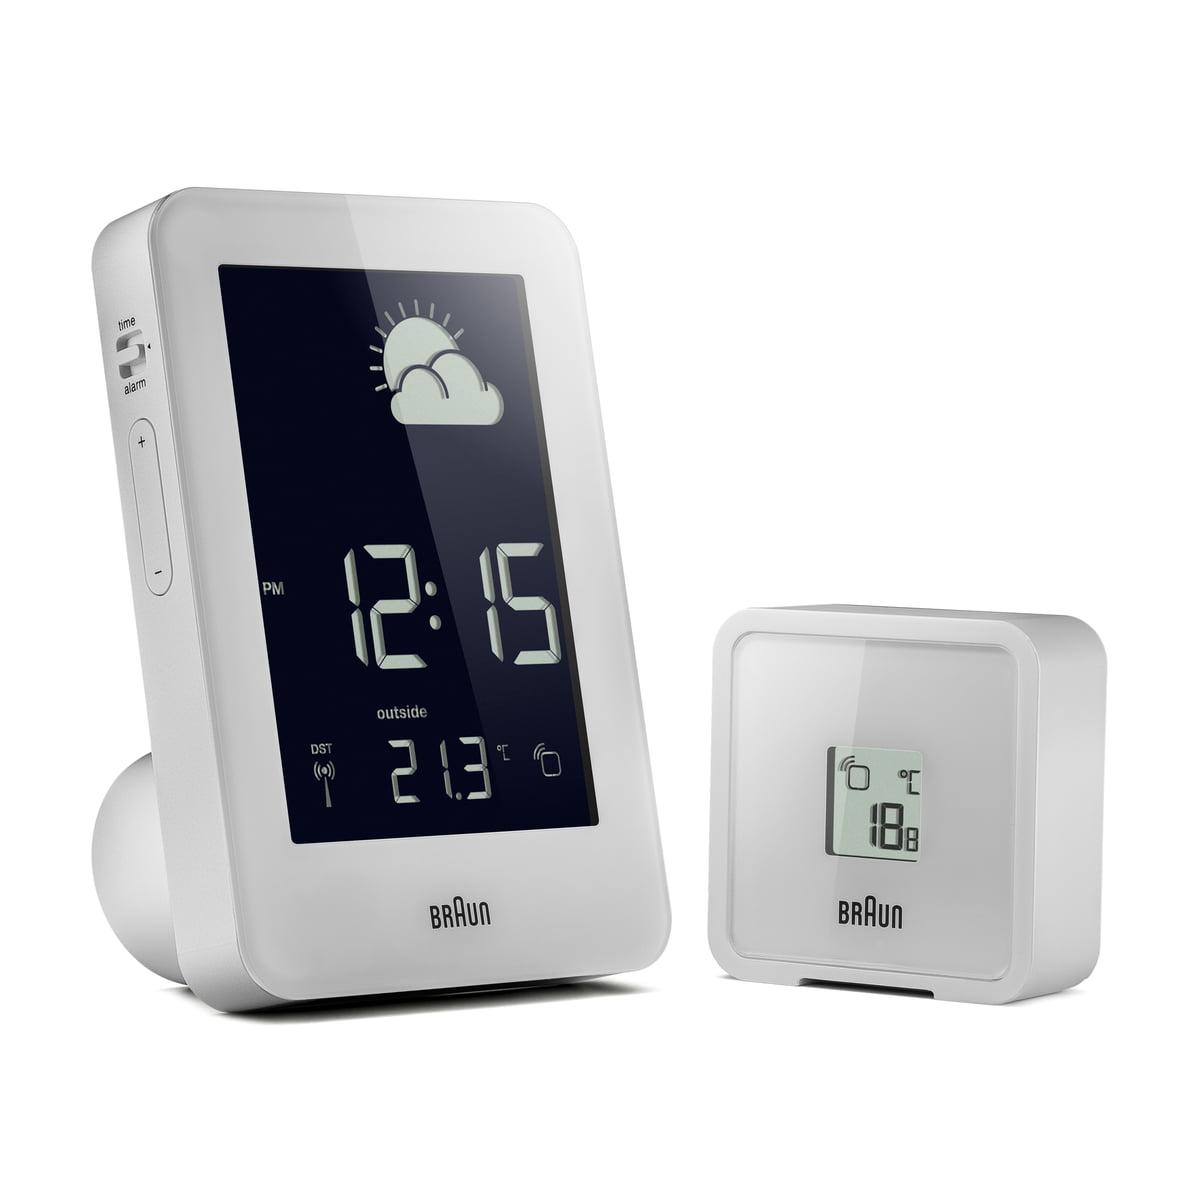 Braun - Funk-Wetterstation, weiß | Baumarkt > Heizung und Klima > Klimageräte | Weiß | Braun